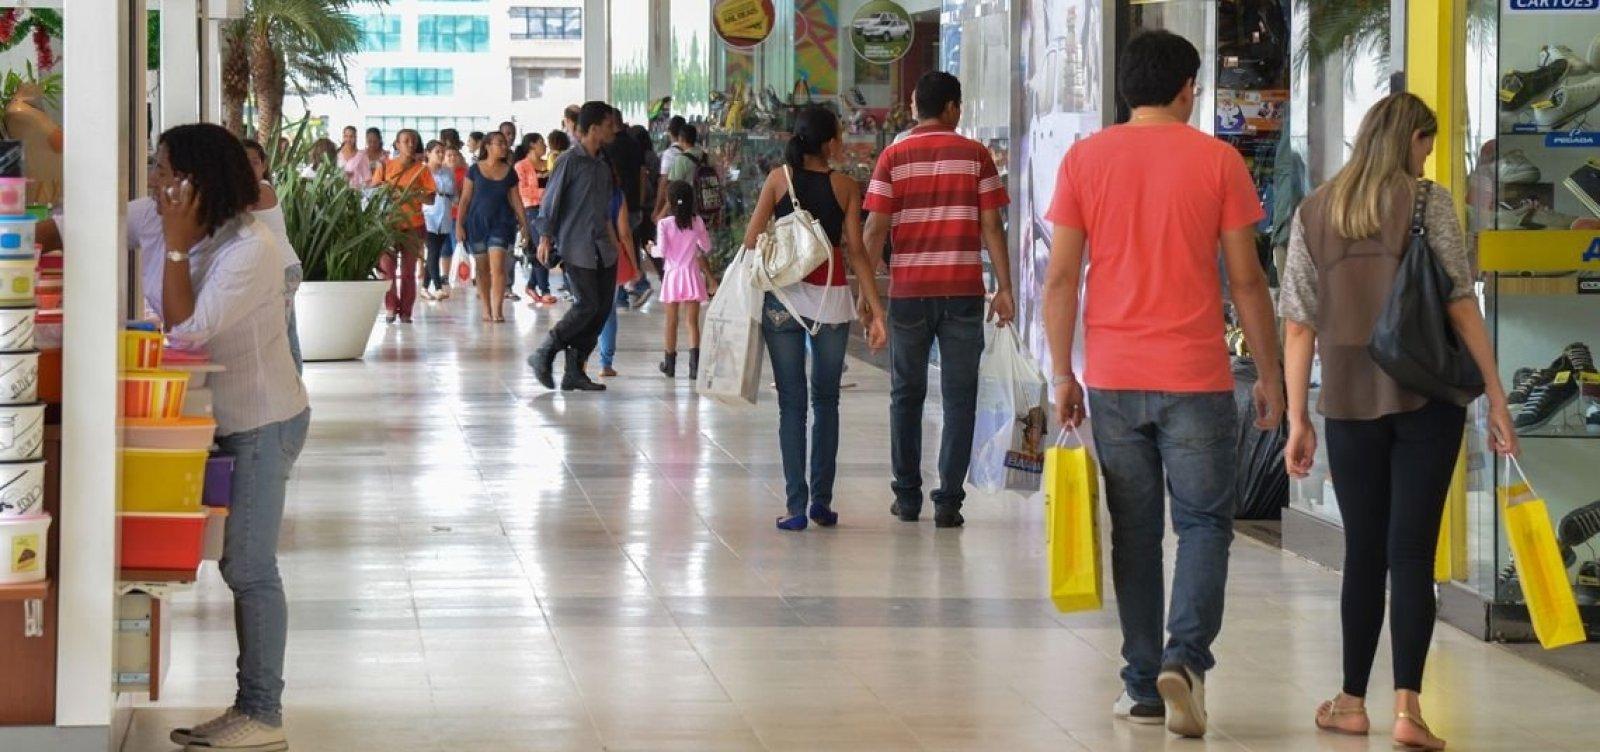 [Vendas do varejo sobem 0,1% de julho para agosto, diz IBGE]